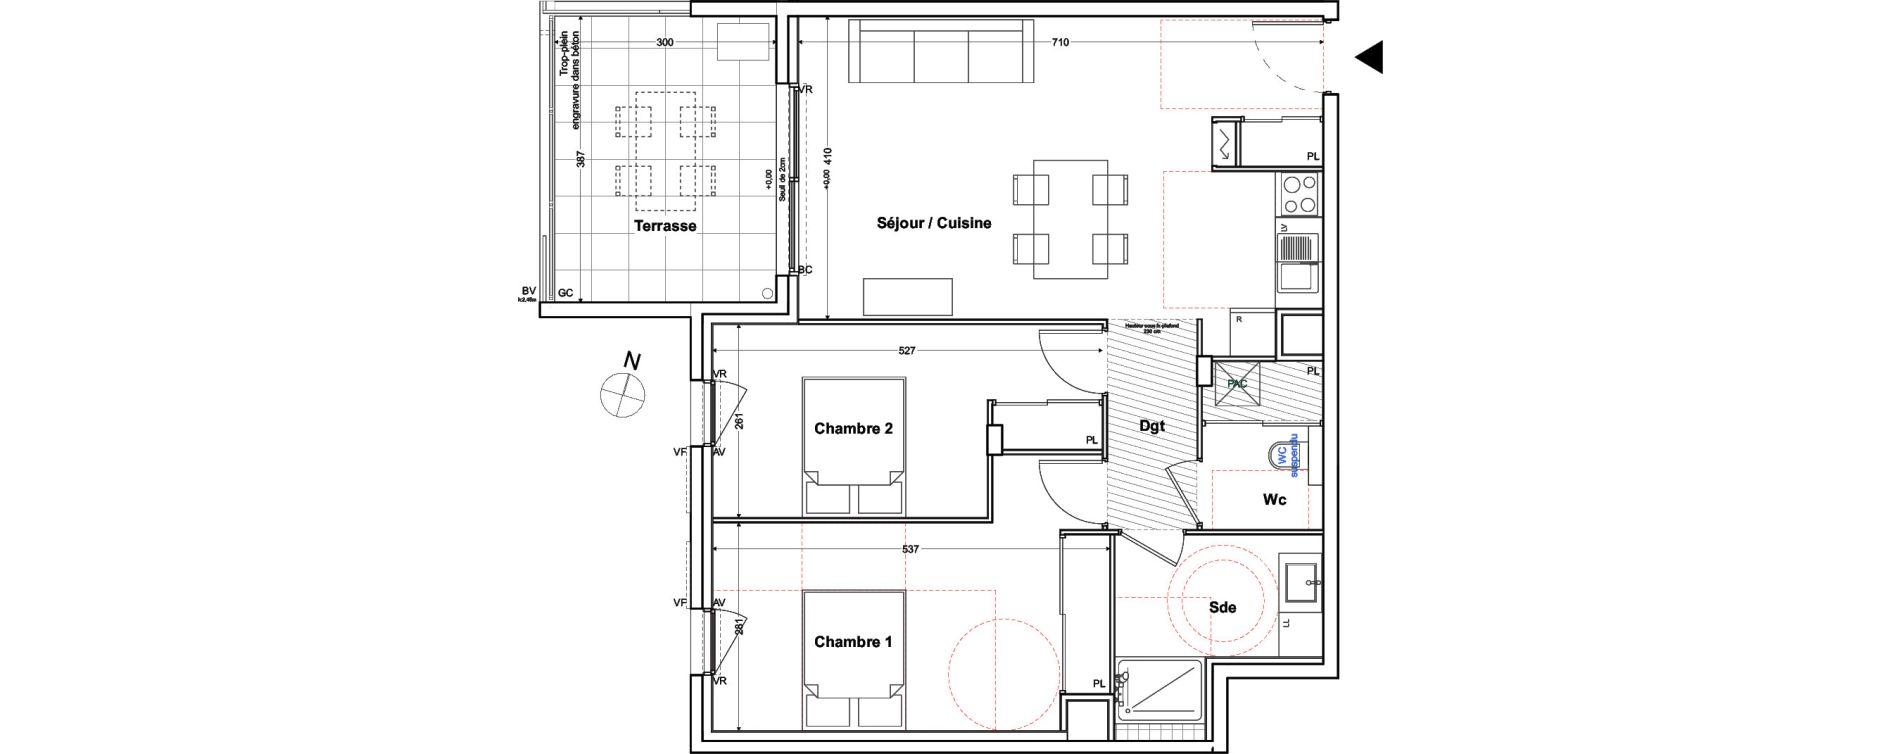 Appartement T3 de 70,65 m2 à Toulon Cap brun